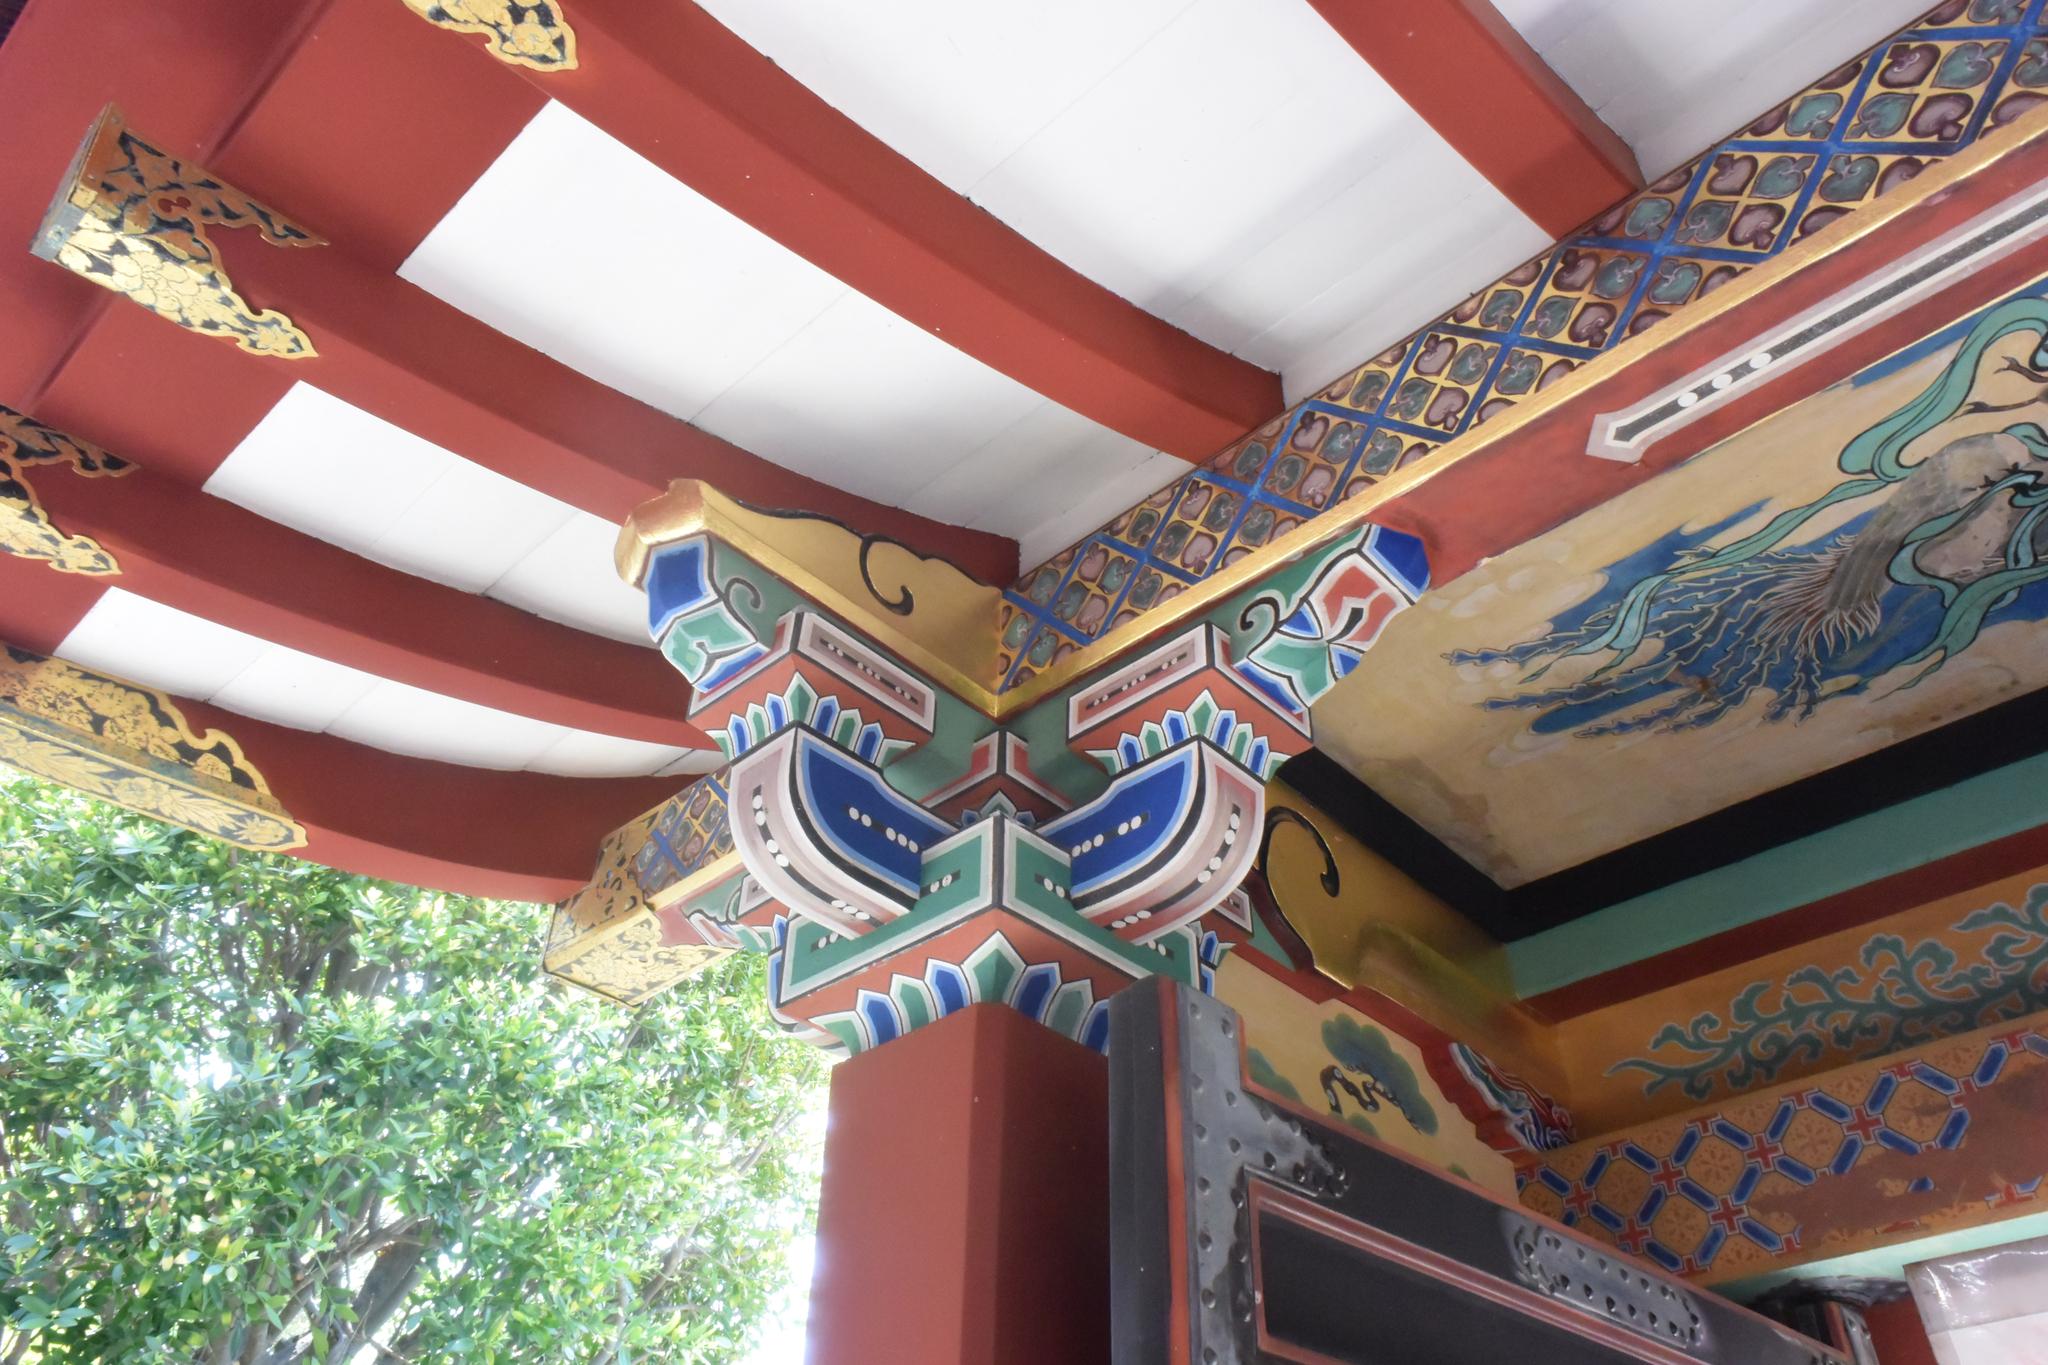 와카야마현 와카야마시에 있는 기슈도쇼구(紀州東照宮). 닛코(日光)에 있는 도쇼구가 금색으로 화려하게 장식된 것과 달리, 붉은색과 녹색을 주로 이용한 단청이 한반도의 영향을 받은 것으로 추정된다. 윤설영 특파원.